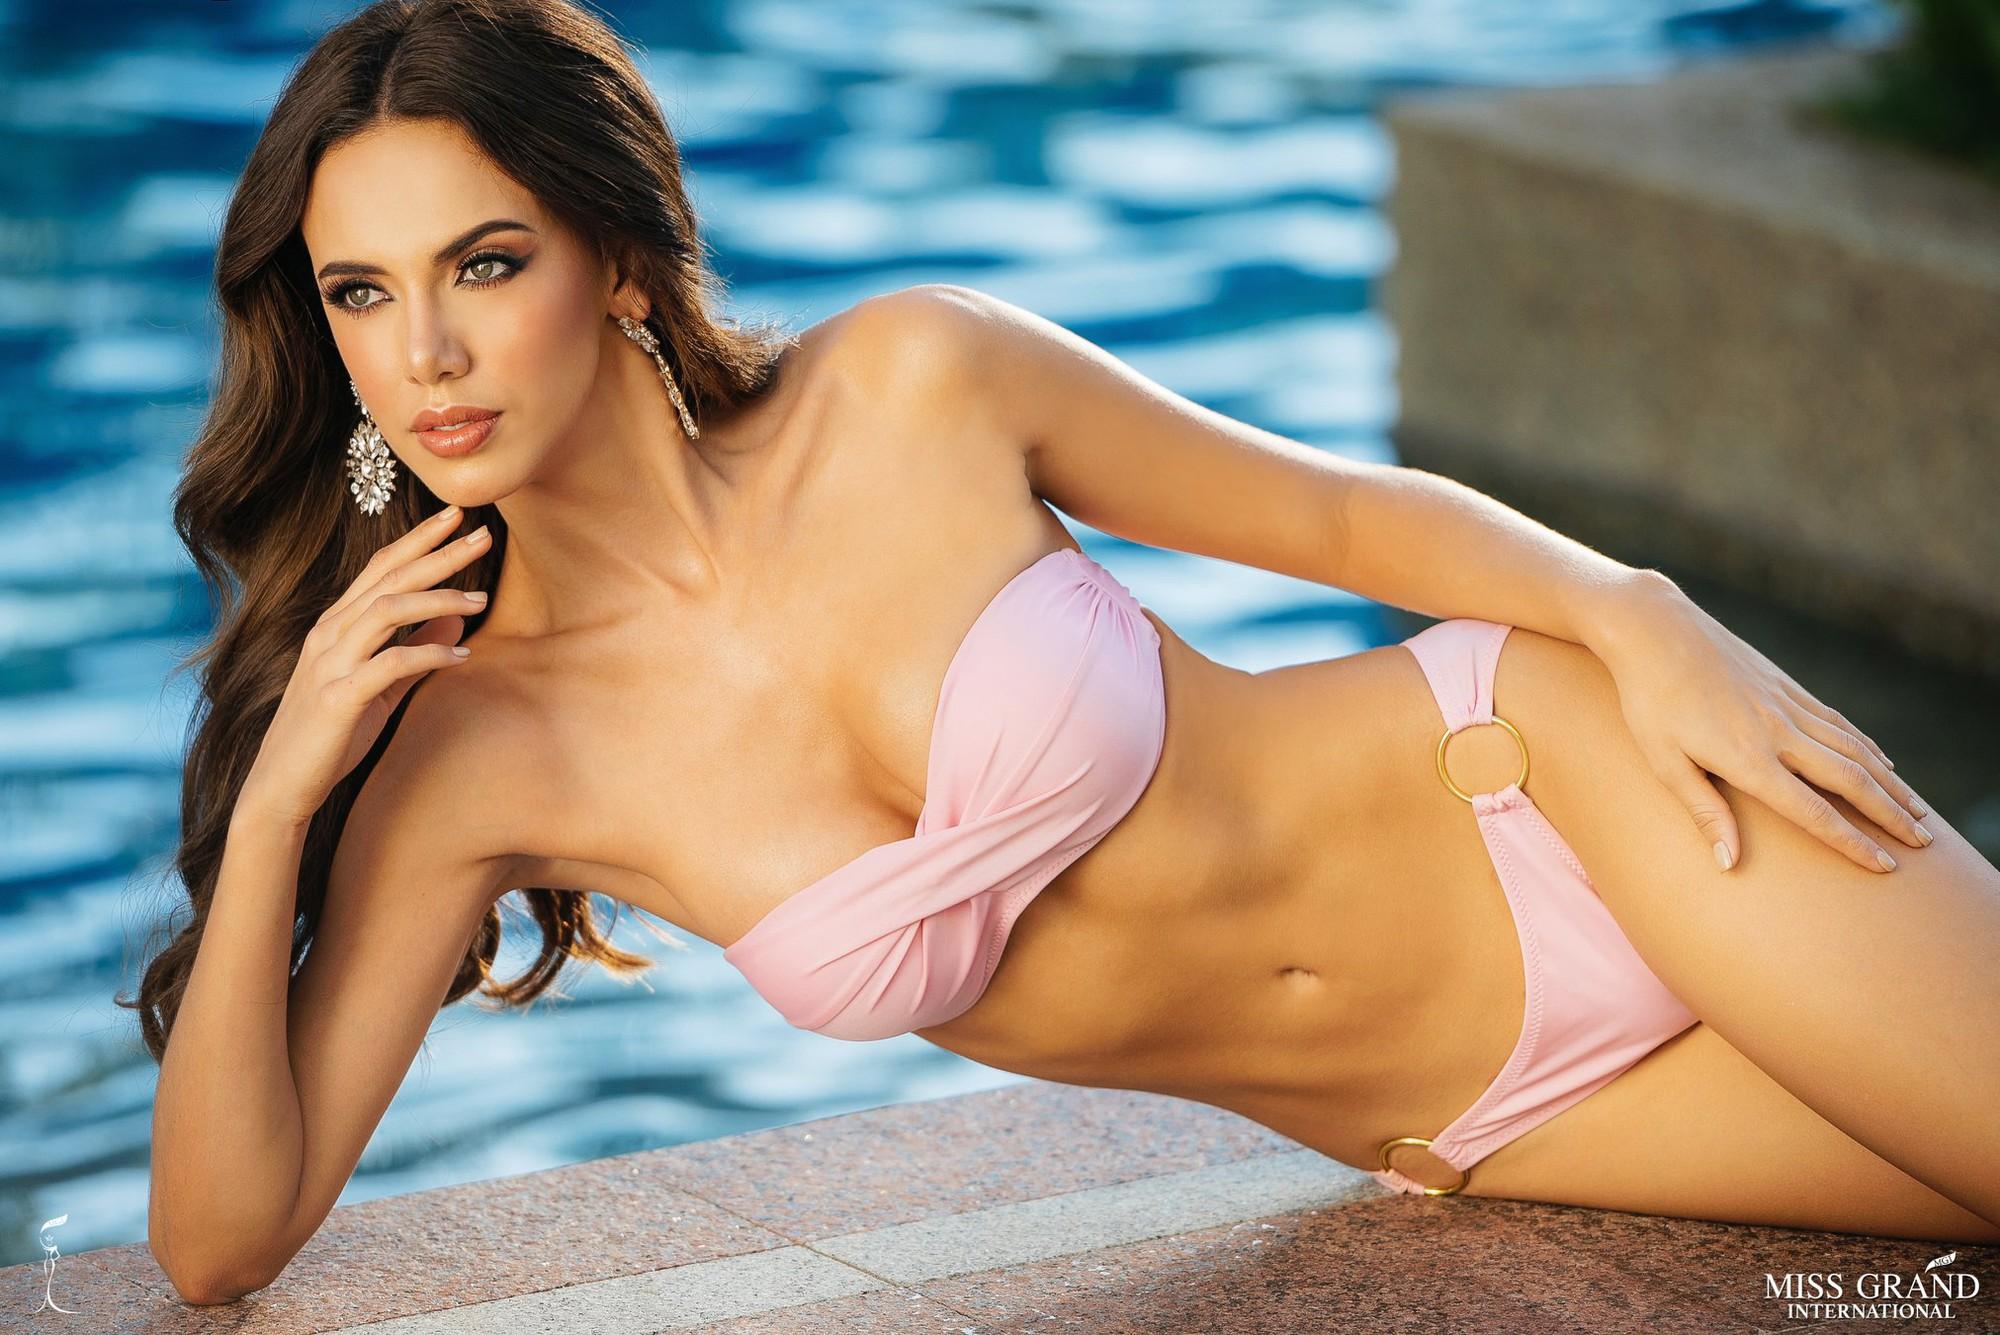 Phương Nga khoe body nóng bỏng, ngồi vị trí trung tâm trong bộ ảnh bikini tại Miss Grand International 2018 - Ảnh 3.